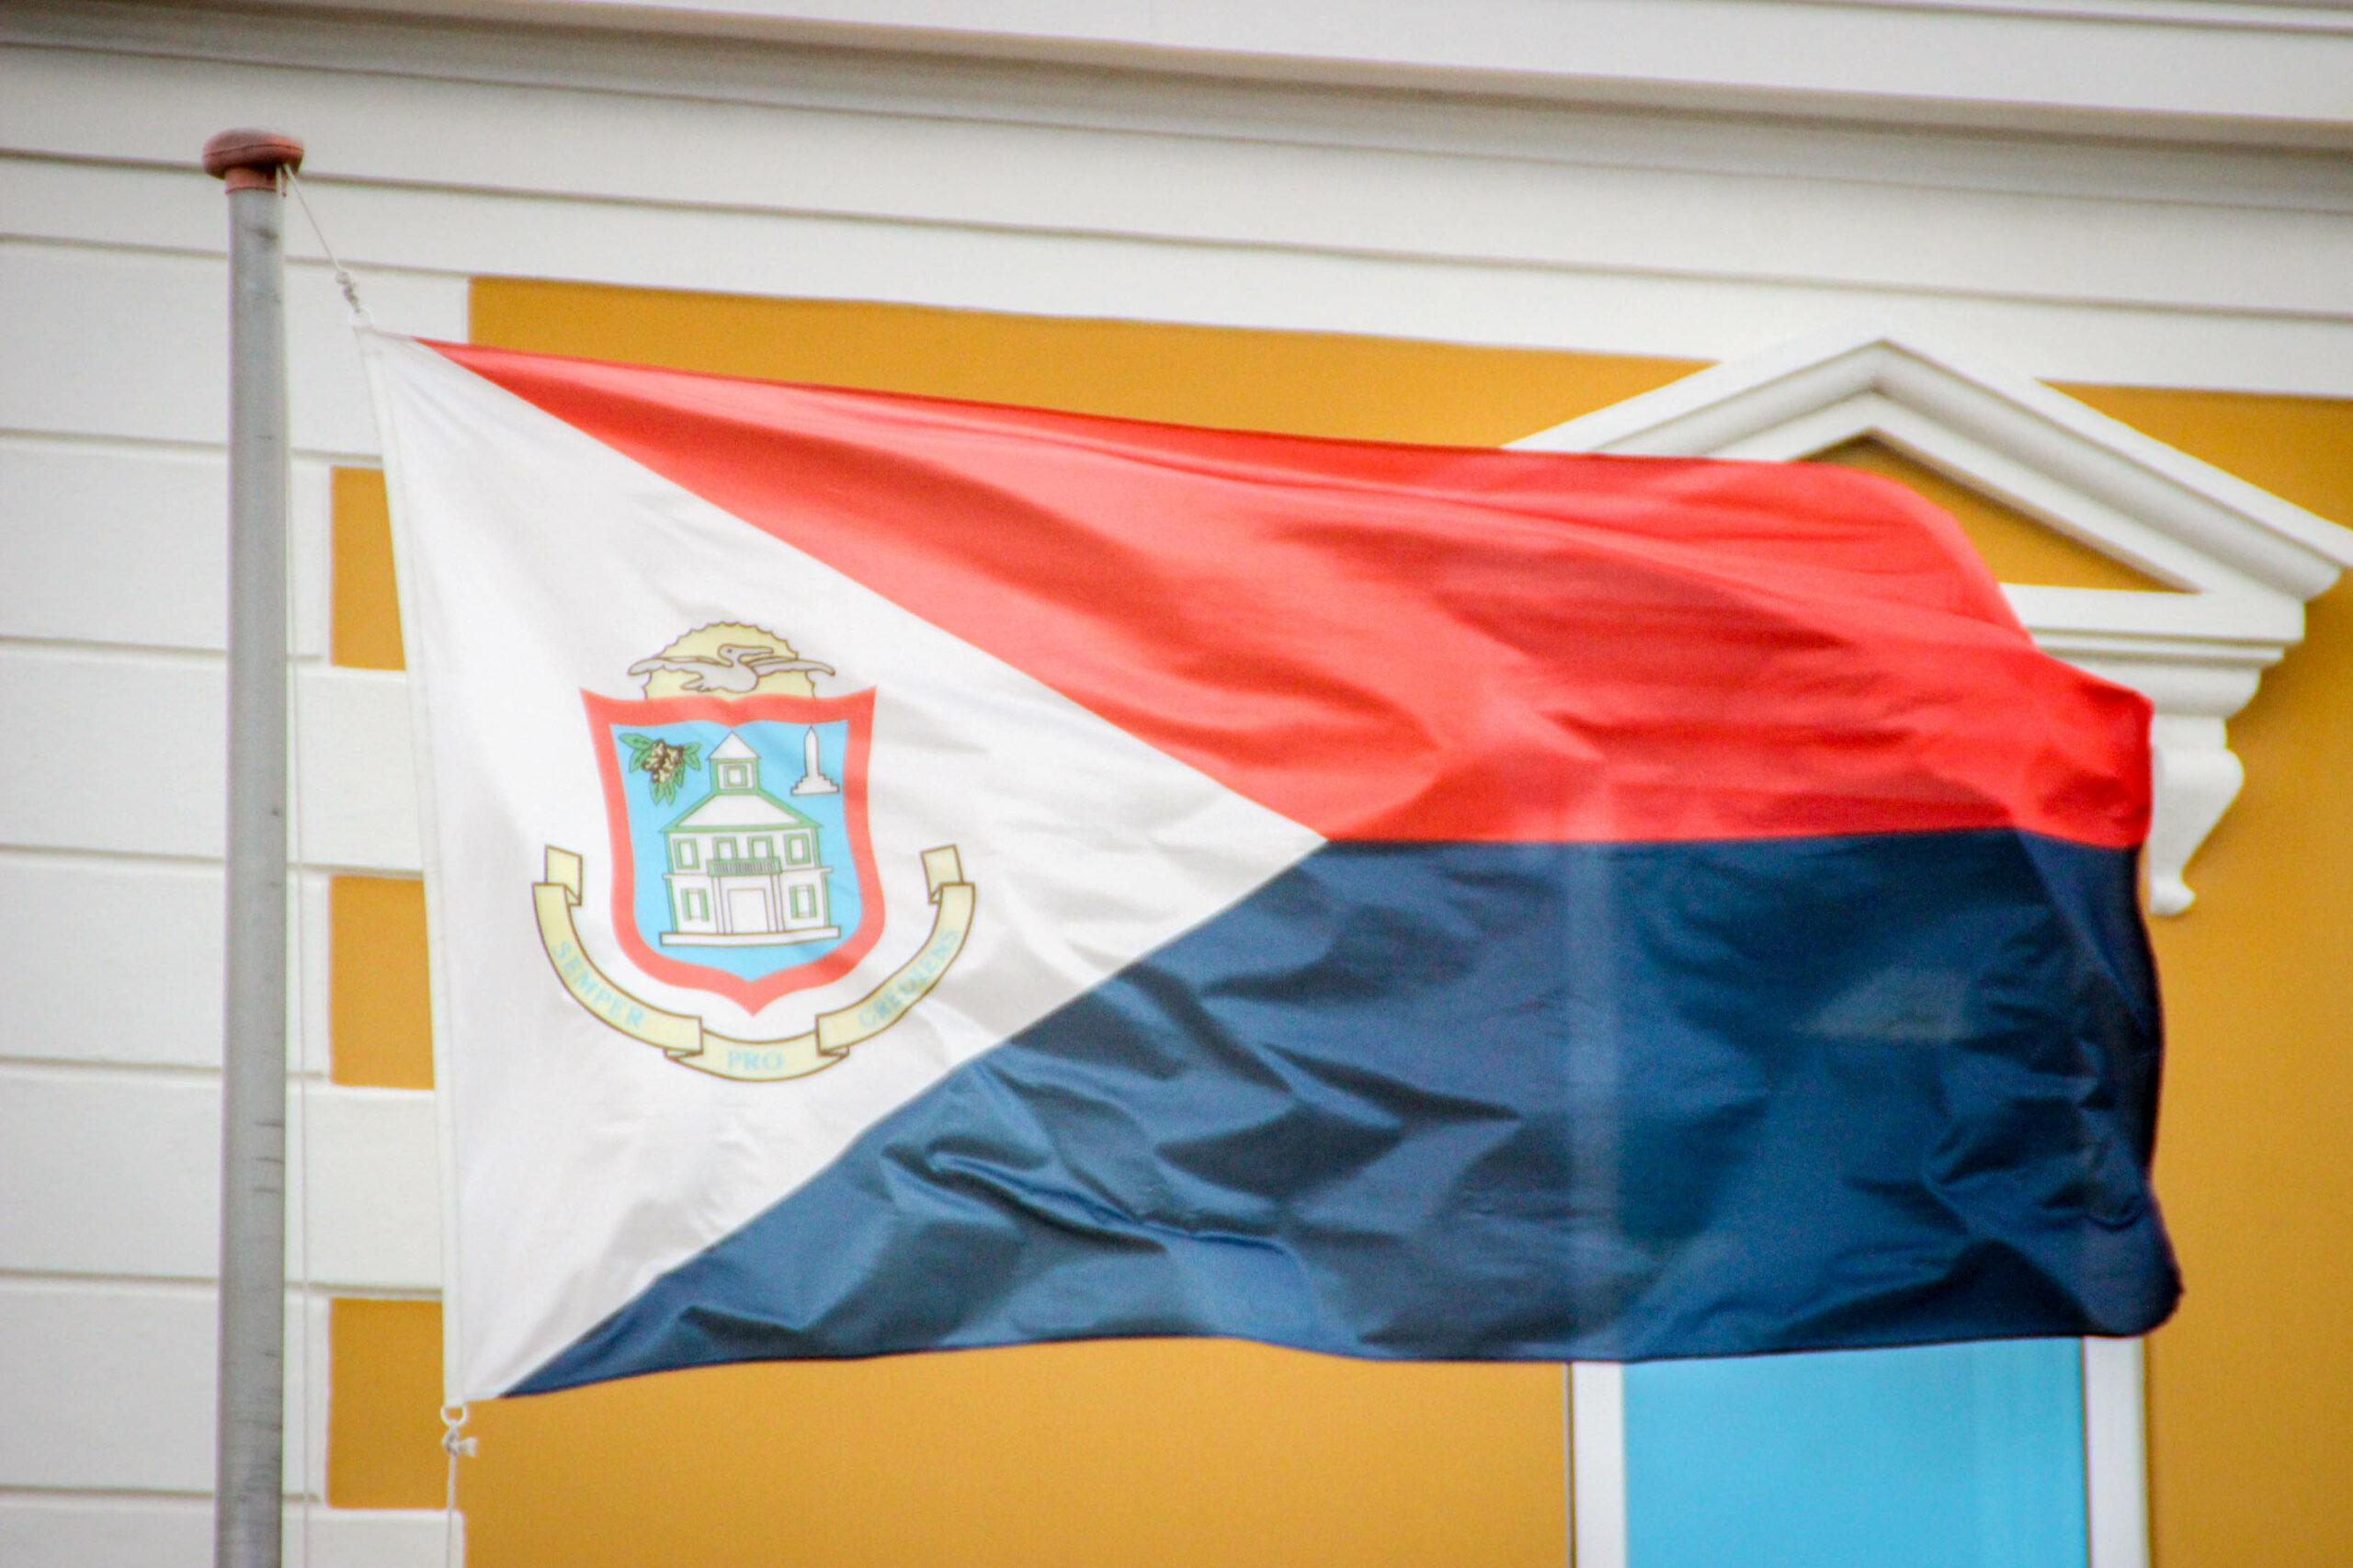 NTR | Financiële hulp aan Sint-Maarten opnieuw gestopt, 'ongepast besluit van Nederland'